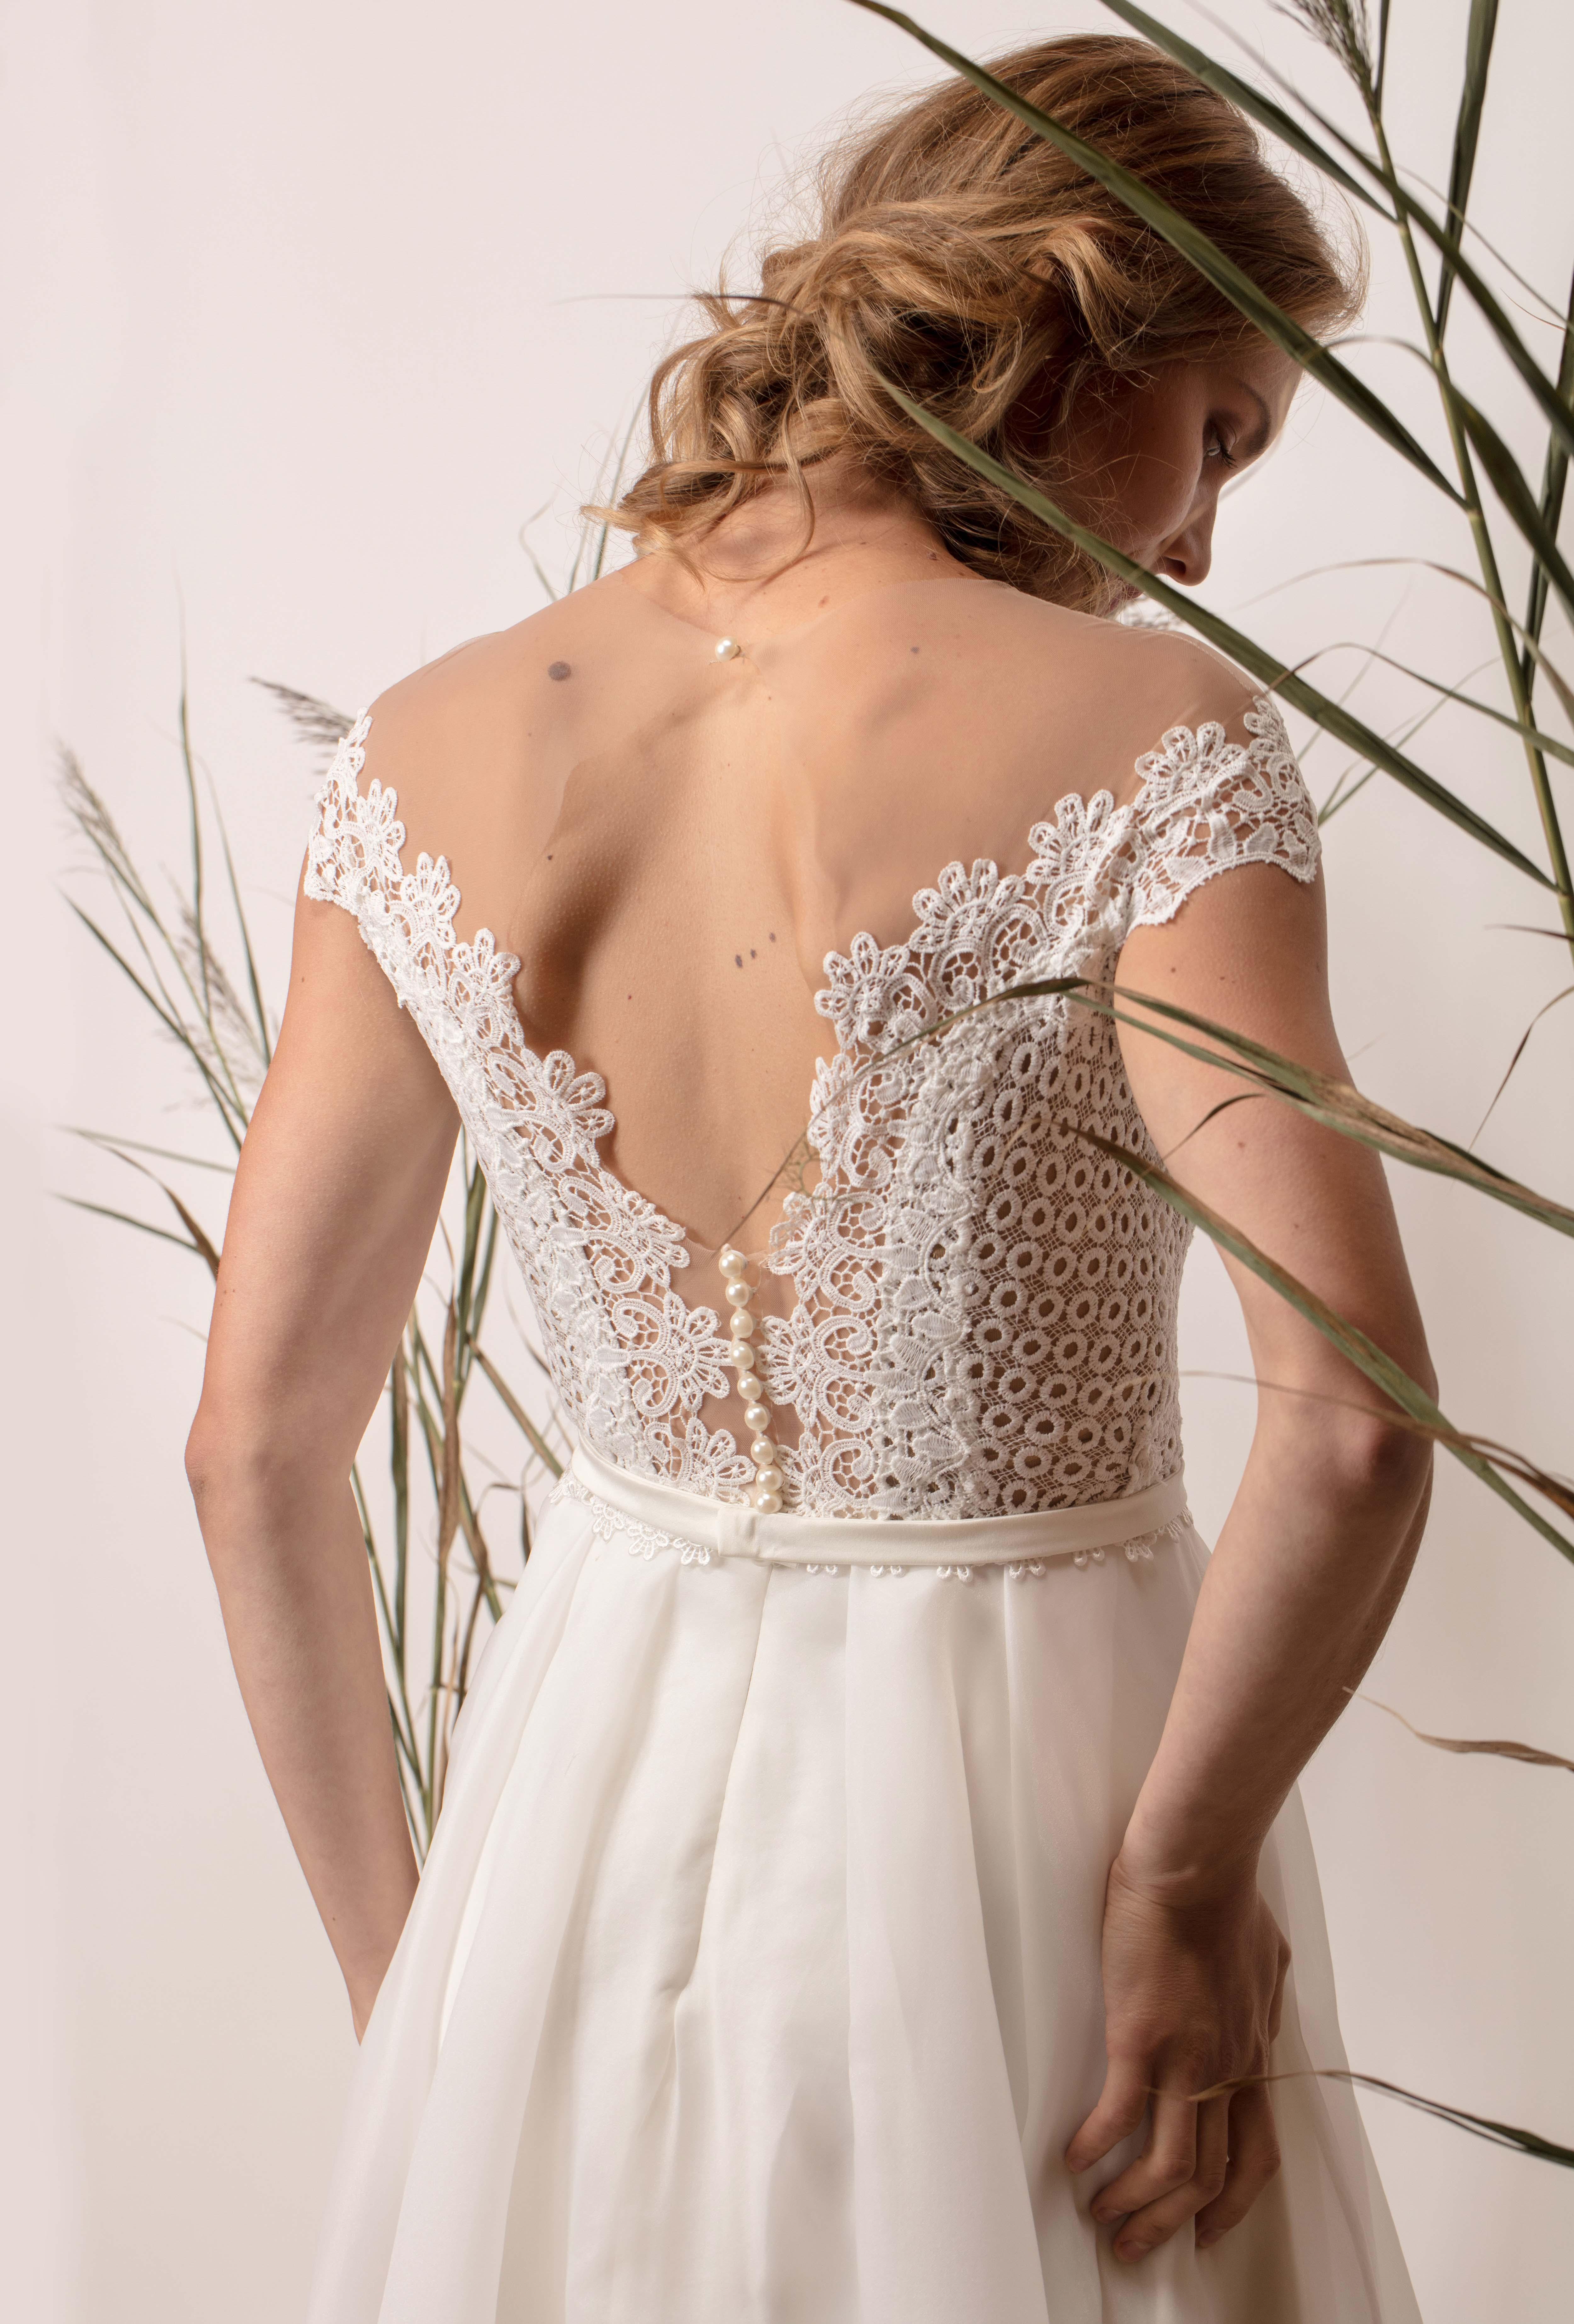 Egyszerű menyasszonyi ruha körös csipke felsőrésszel